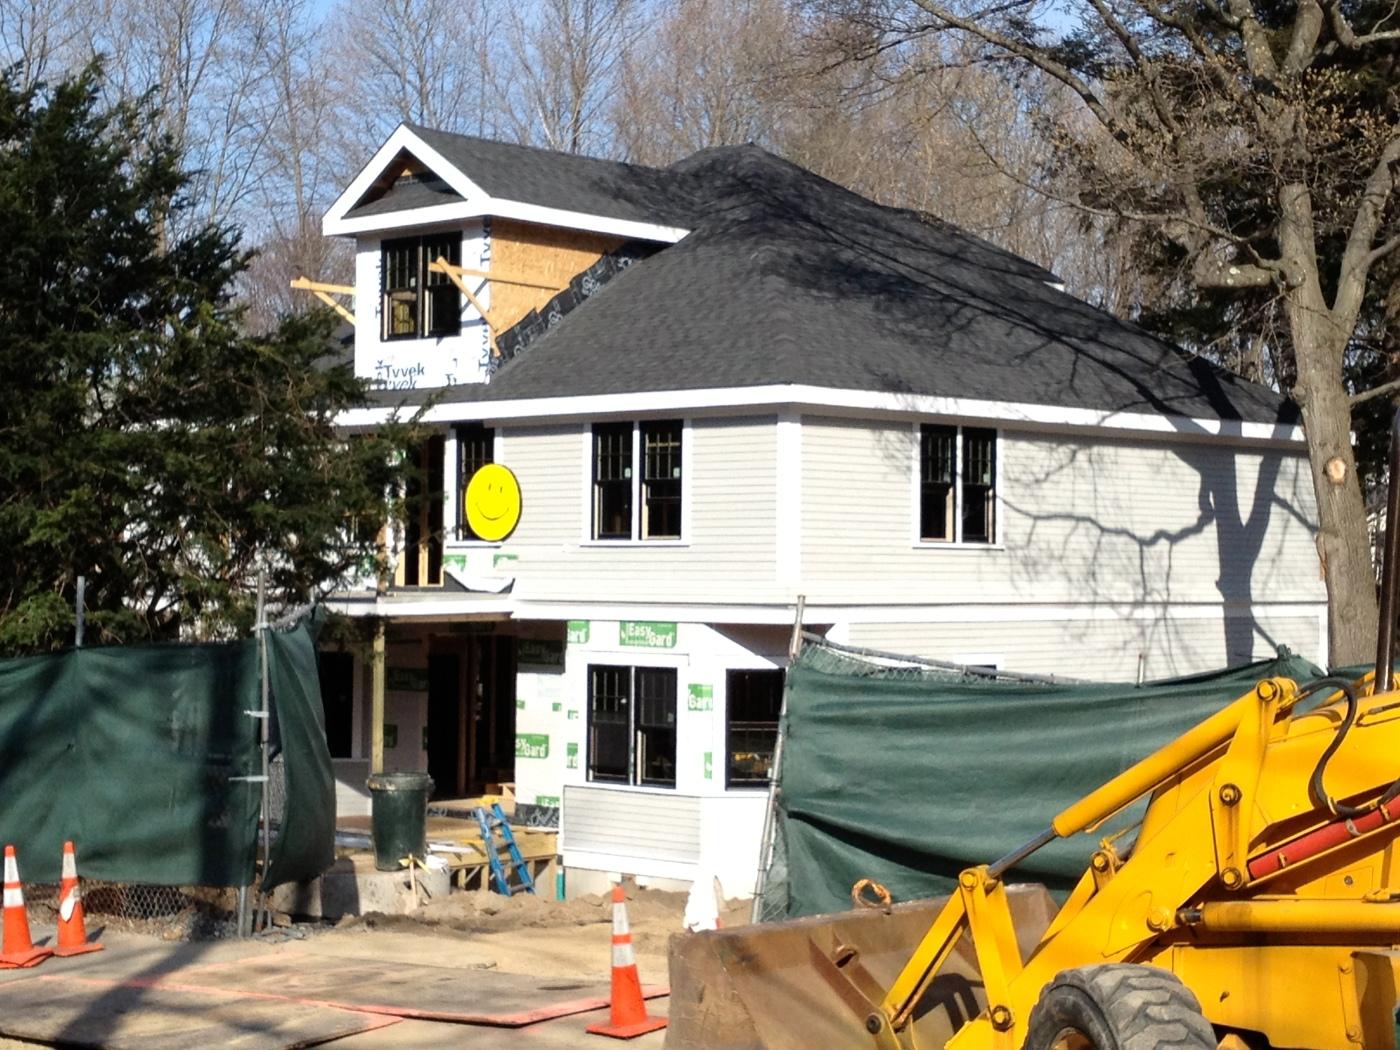 House Exterior w/ Siding